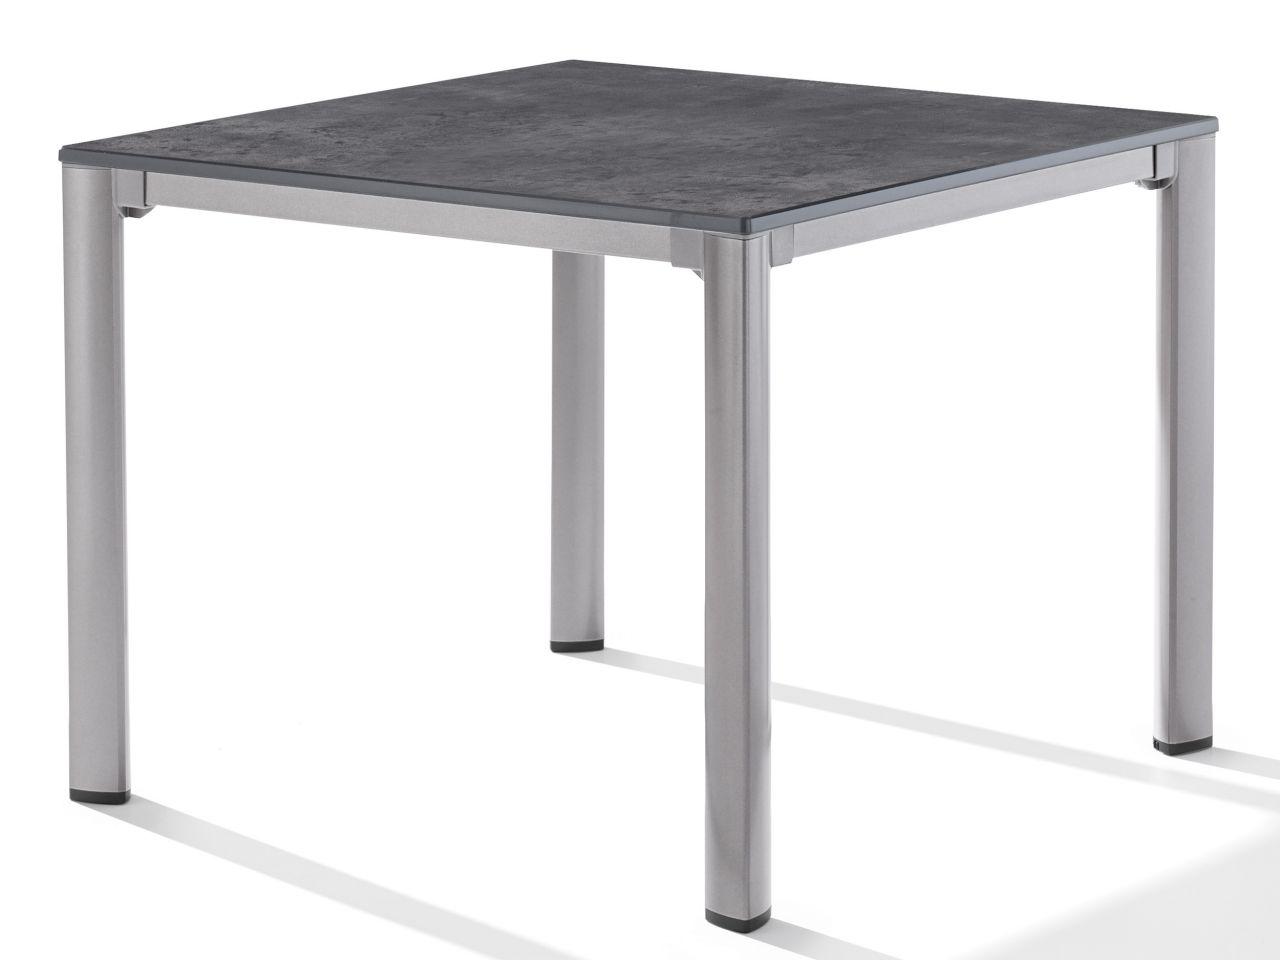 Sieger Gartentisch Loft 95x95cm graphit/Beton dunkel